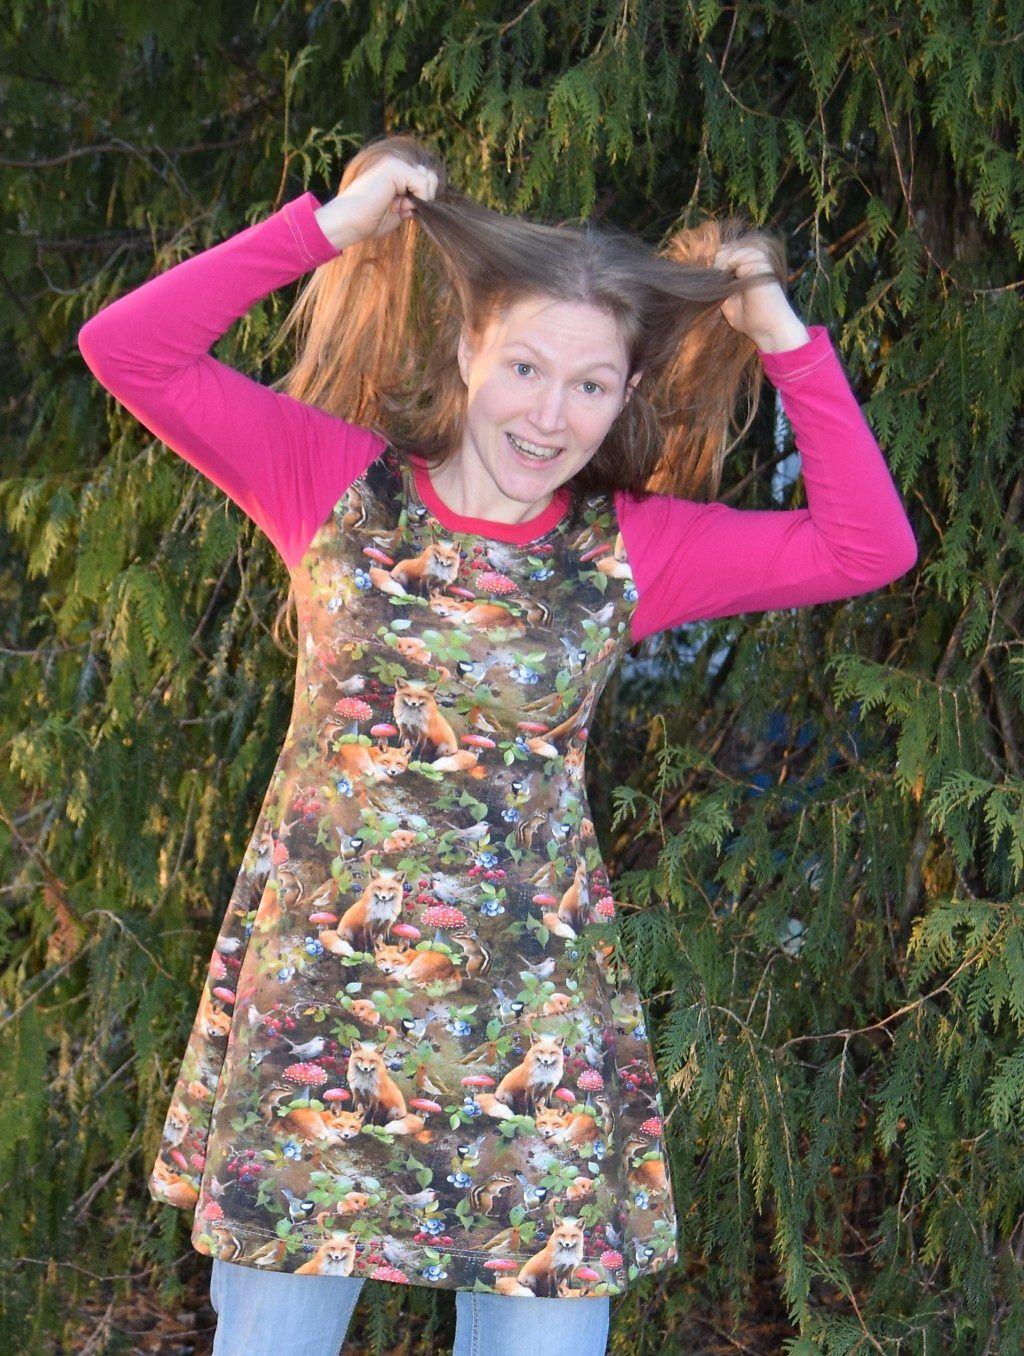 kangaskapina peppi mekko